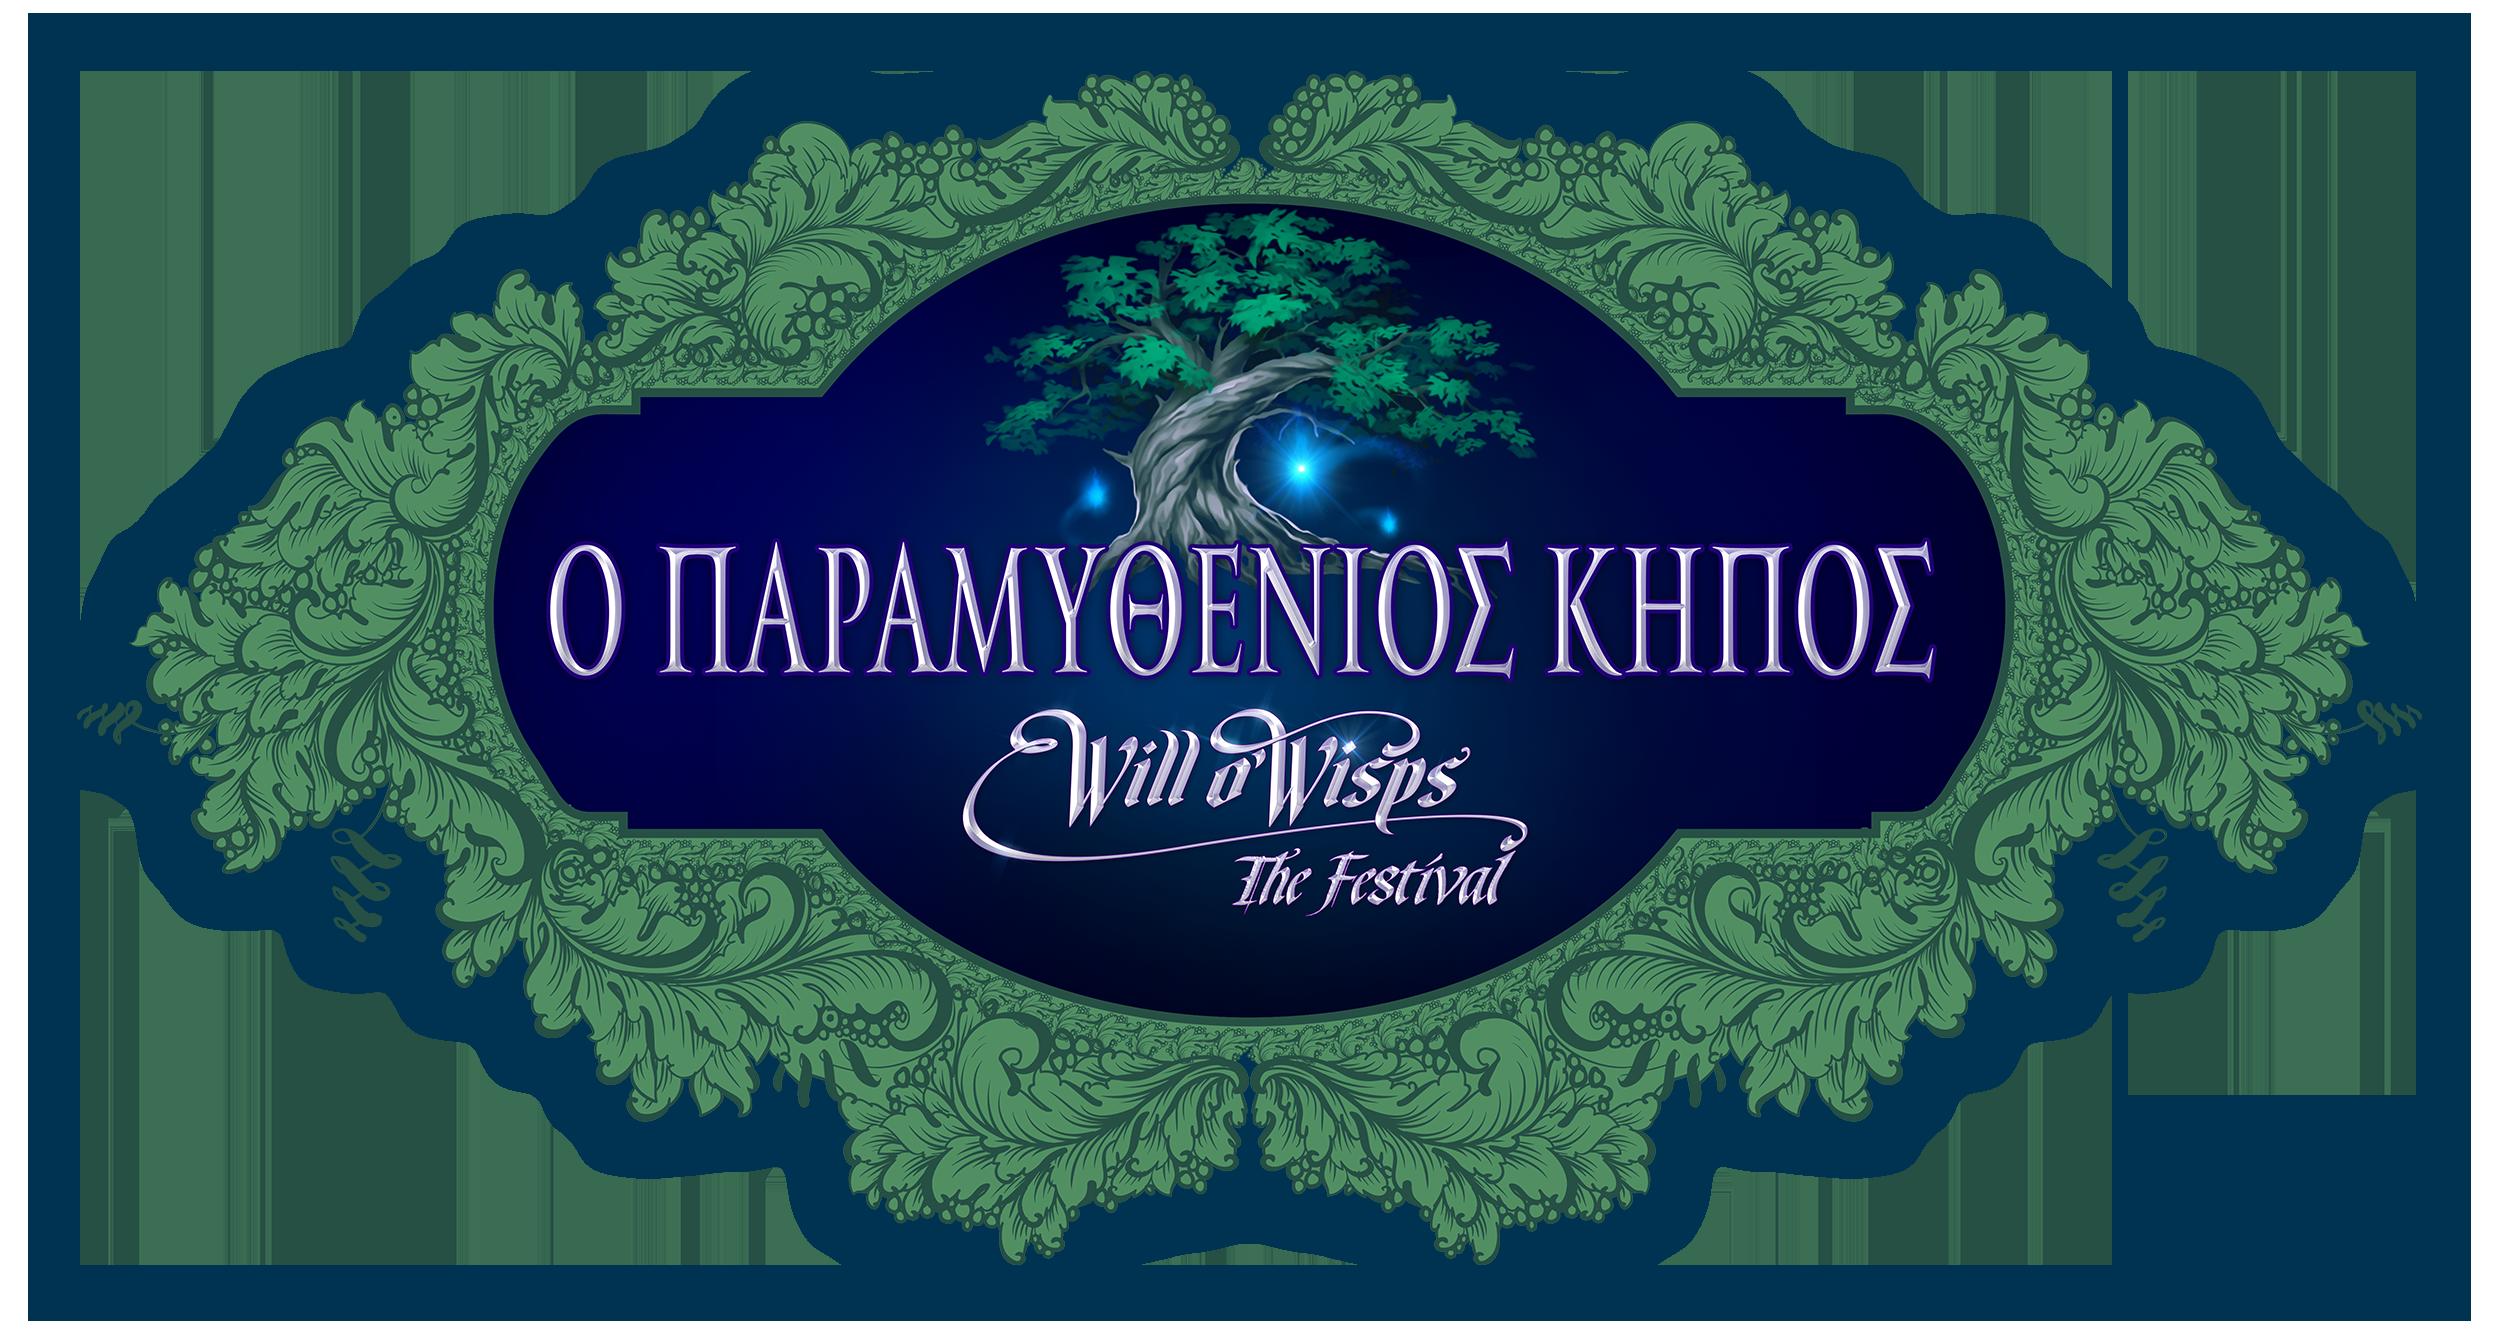 oparamithenioskiposfest.png